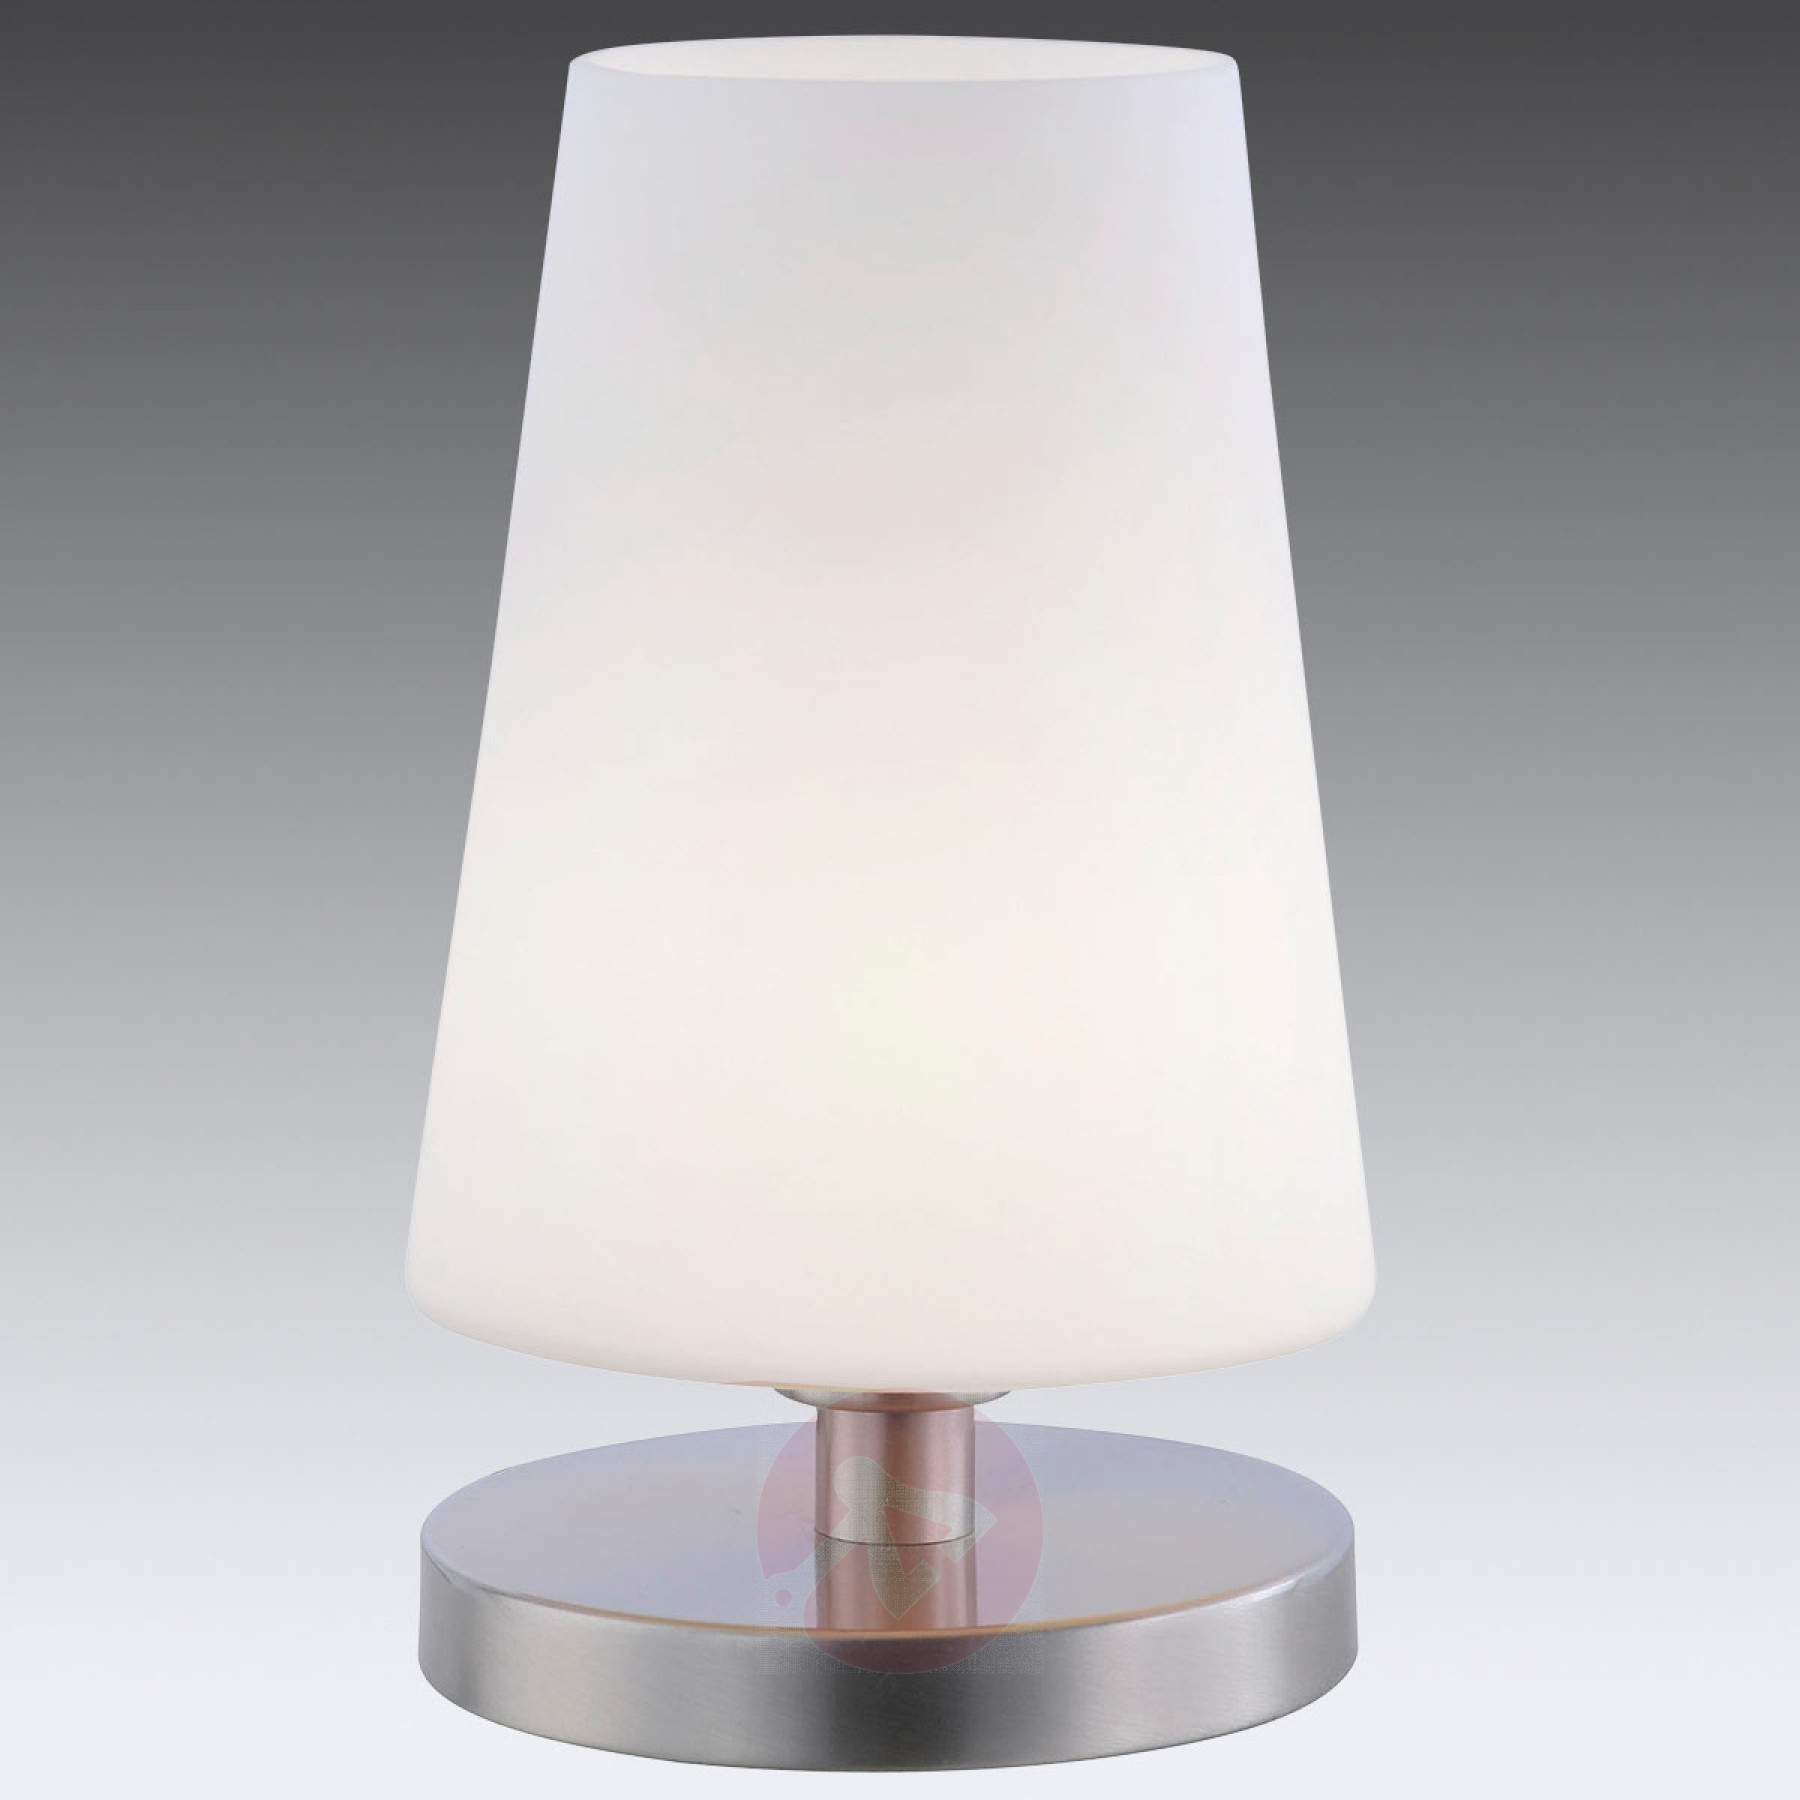 Full Size of Led Lampe Dimmbar Per Schalter Farbwechsel Mit Fernbedienung Verbinden Funktioniert Nicht E27 Wohnzimmerlampen Ikea 2 Wohnzimmerlampe Nickel Touch Wohnzimmer Led Wohnzimmerlampe